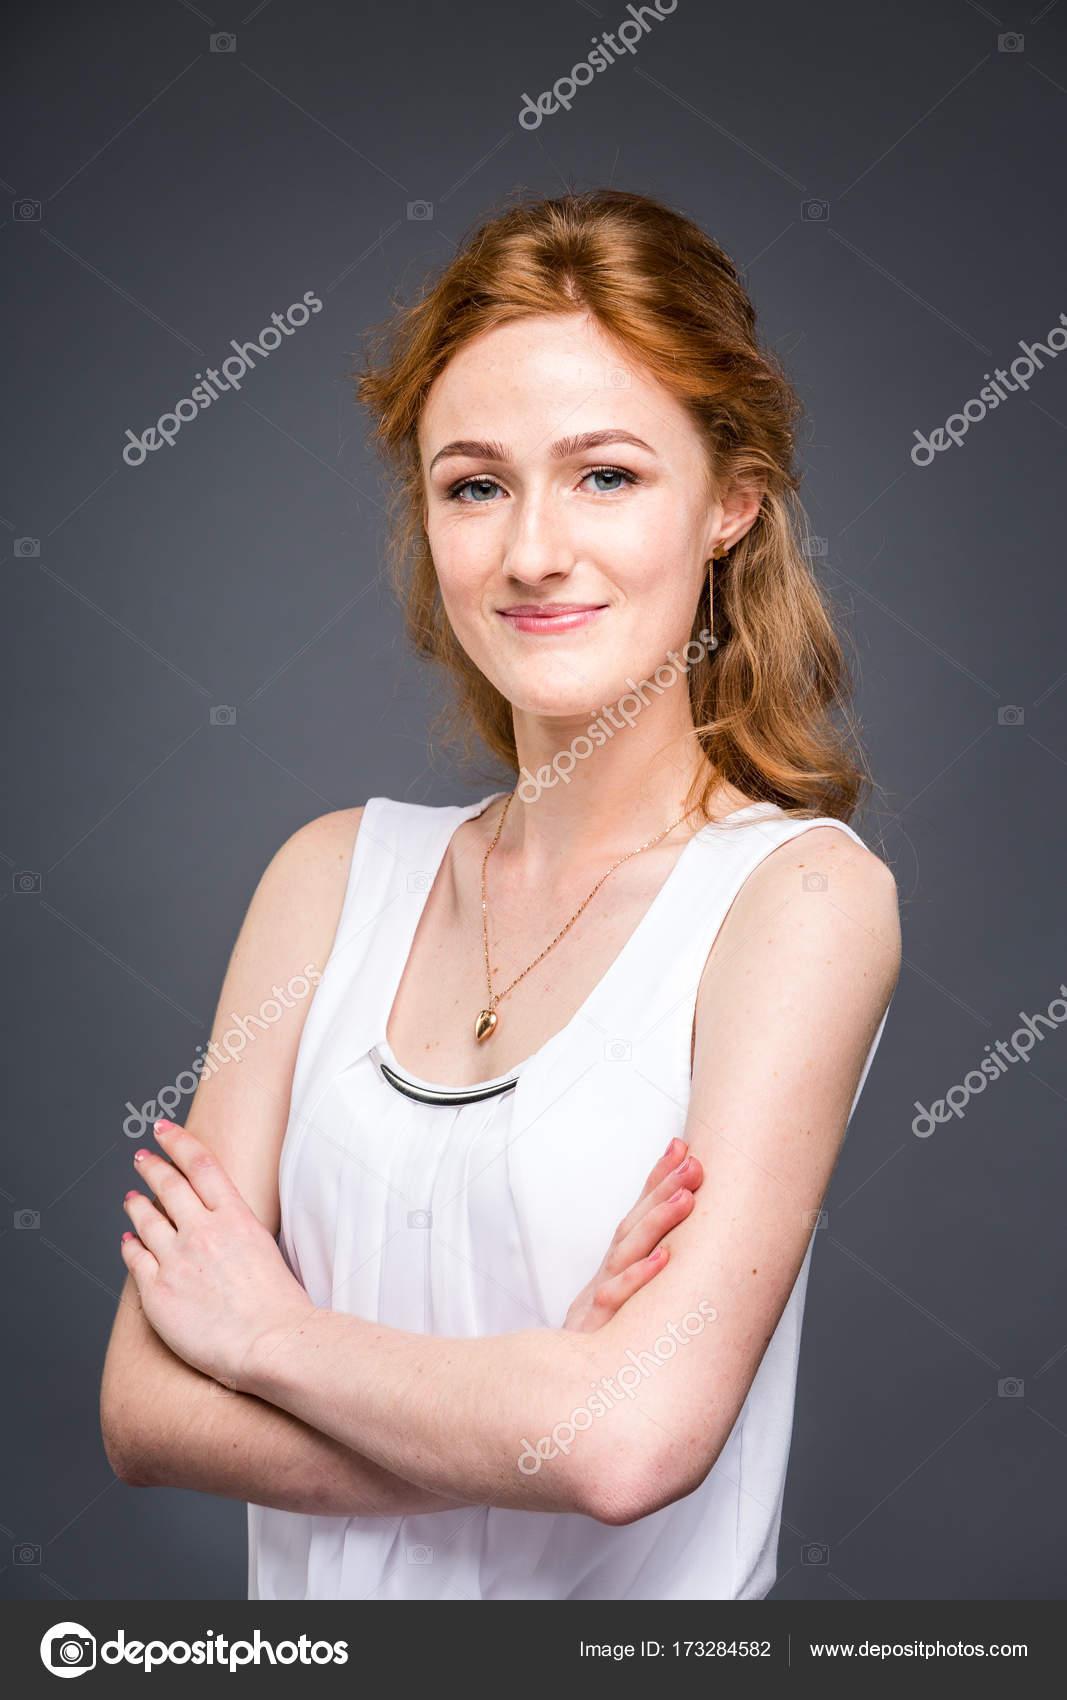 c037f015248c Ritratto di un giovane redhaired bella ragazza in studio su un grigio  isolato sfondo. Una donna è in piedi con le braccia conserte e sorridente  in una ...